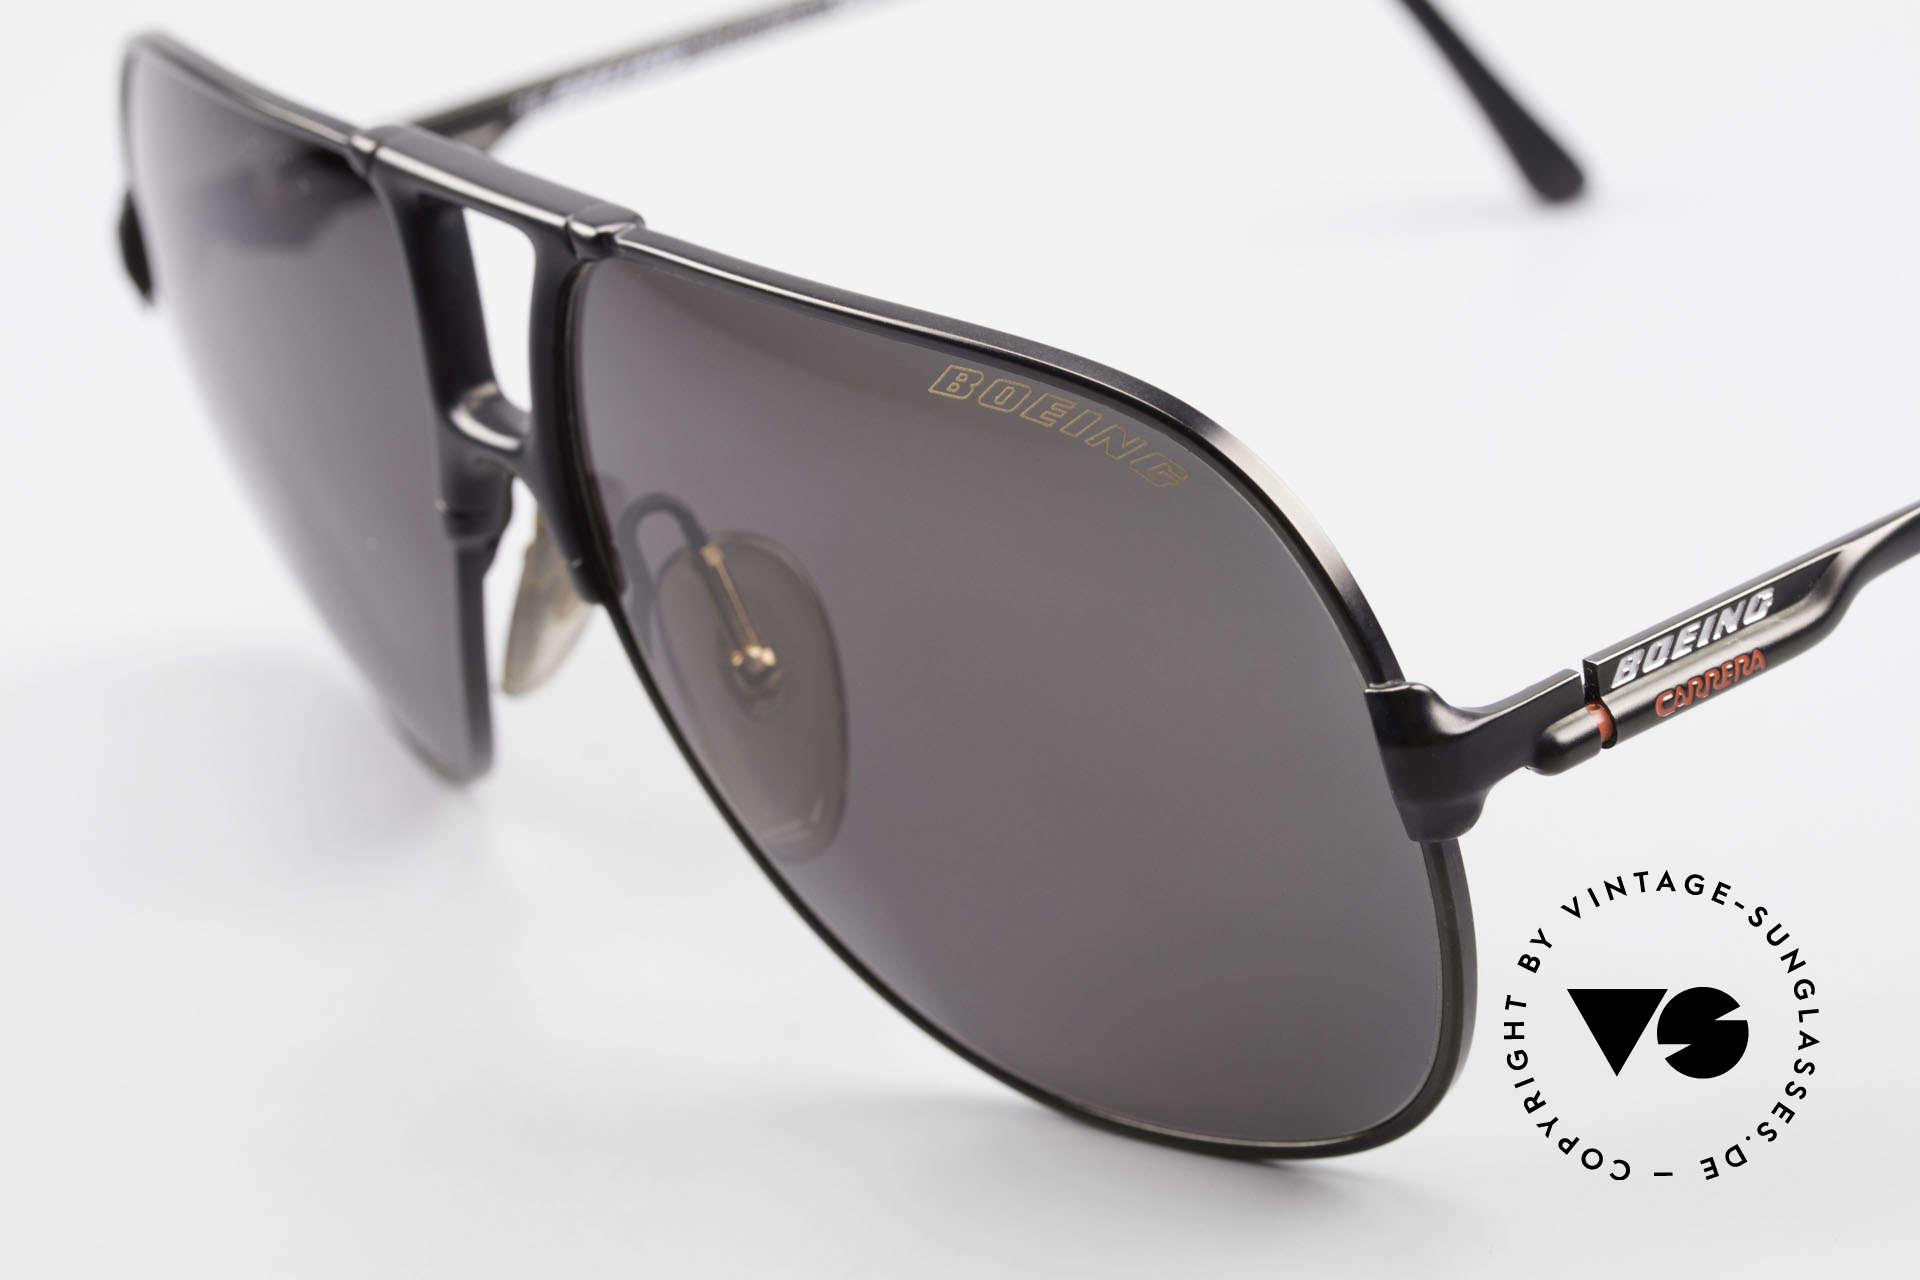 Boeing 5700 Vintage 80er Piloten Brille, 60/12 Gr. 'small' in den 80ern = medium Gr. heute, Passend für Herren und Damen